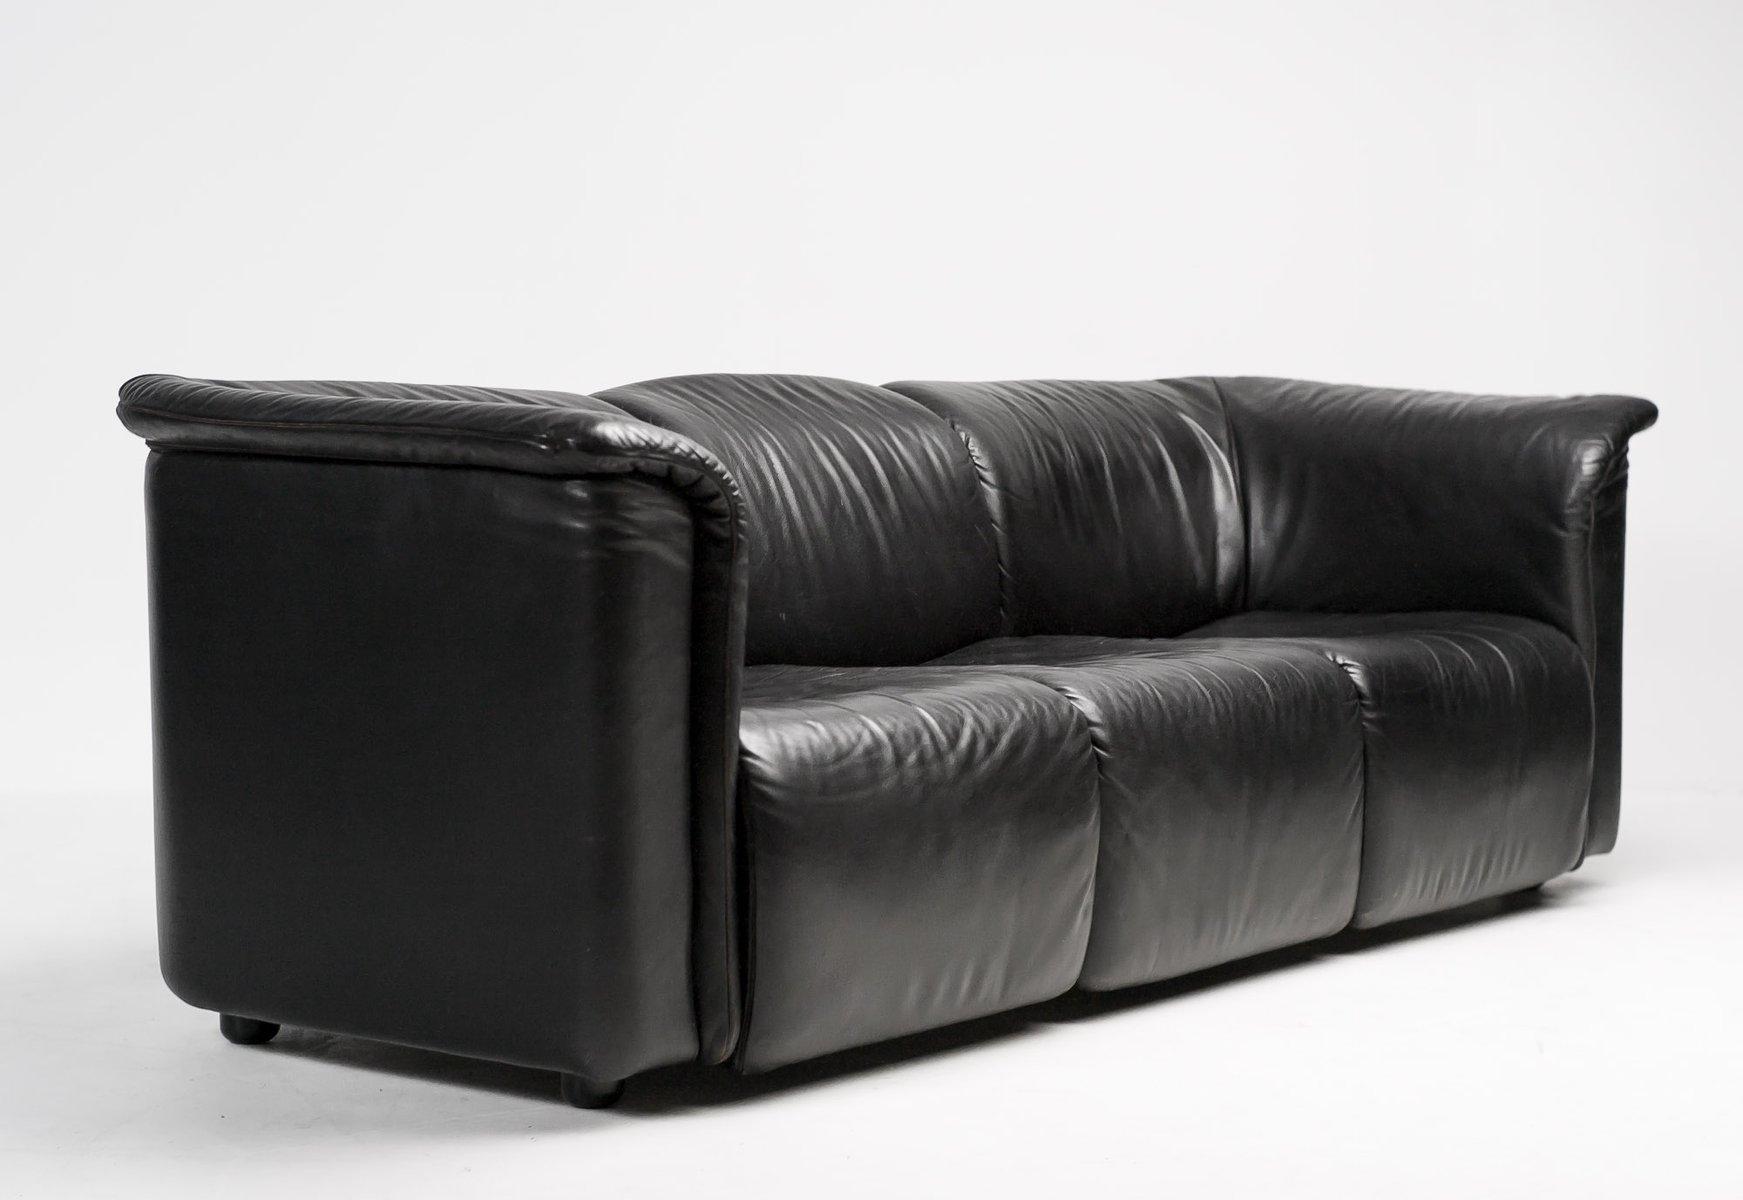 Schwarzes Hochbarett Drei Sitzer Sofa Von Karl Wittmann Für Wittmann